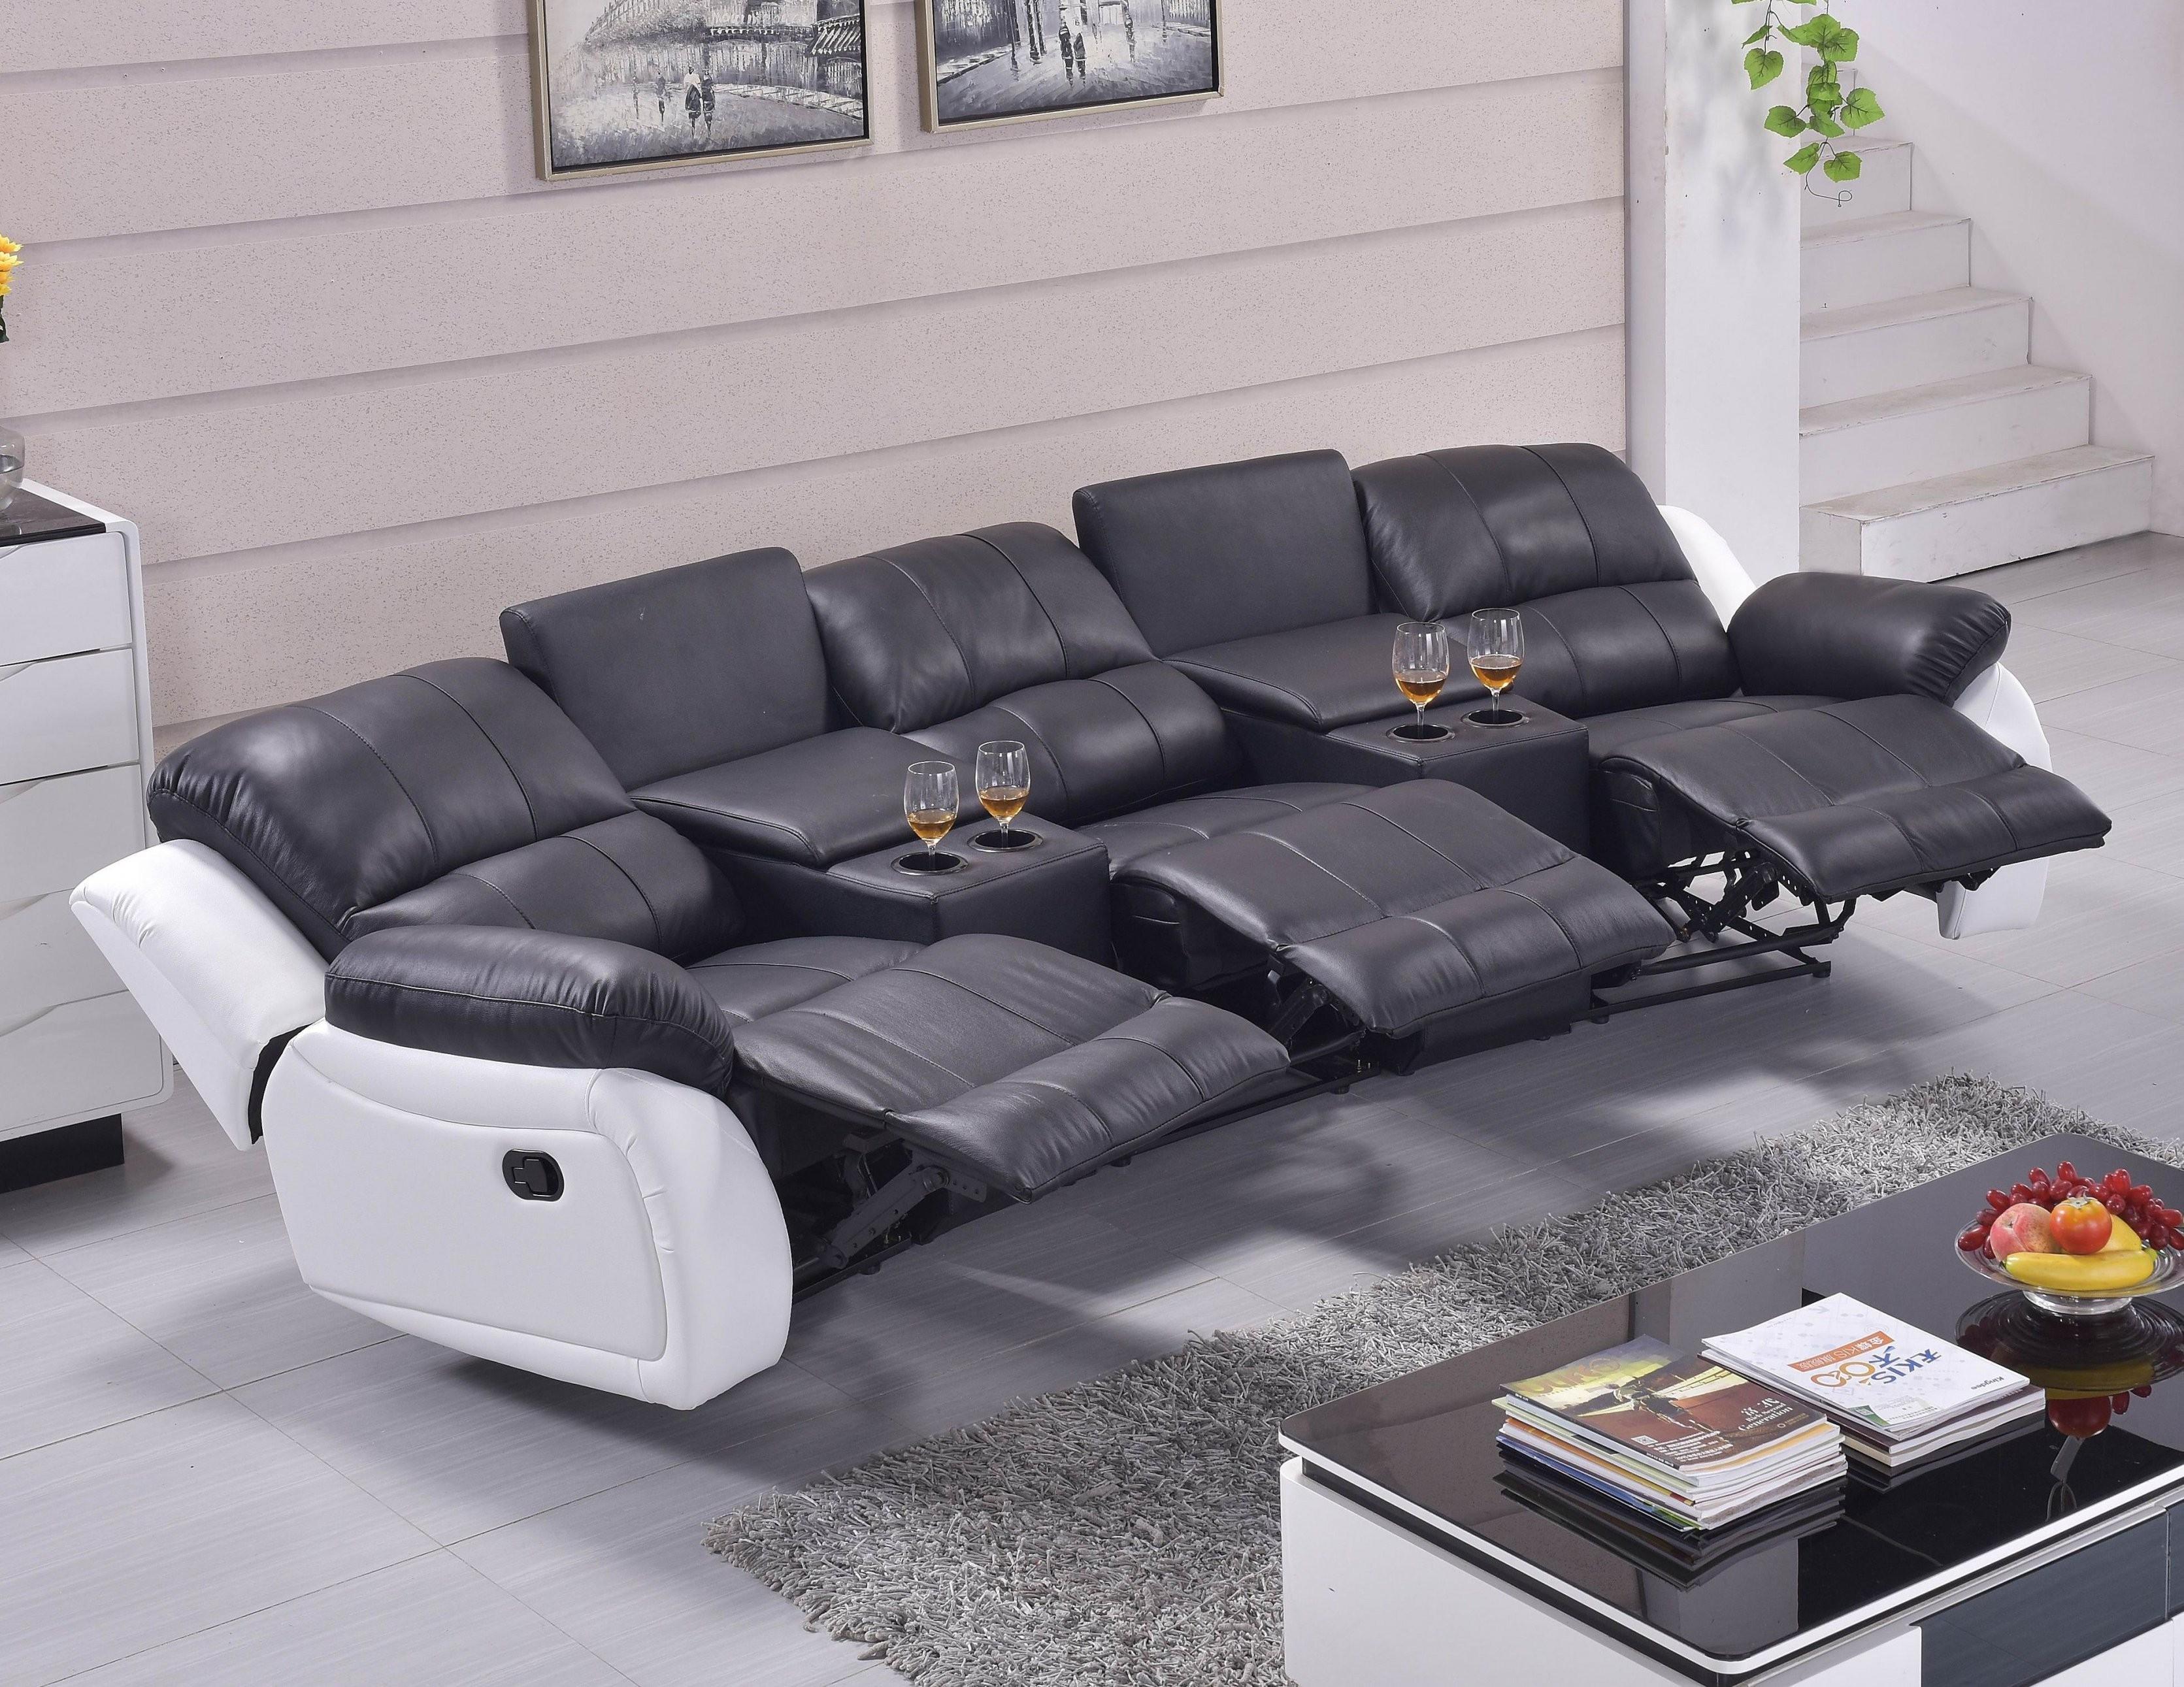 3Er Leder Fernsehsofa Kinosofa Schwarzweiß  Mapo Möbel von Kino Sofa 3 Sitzer Bild